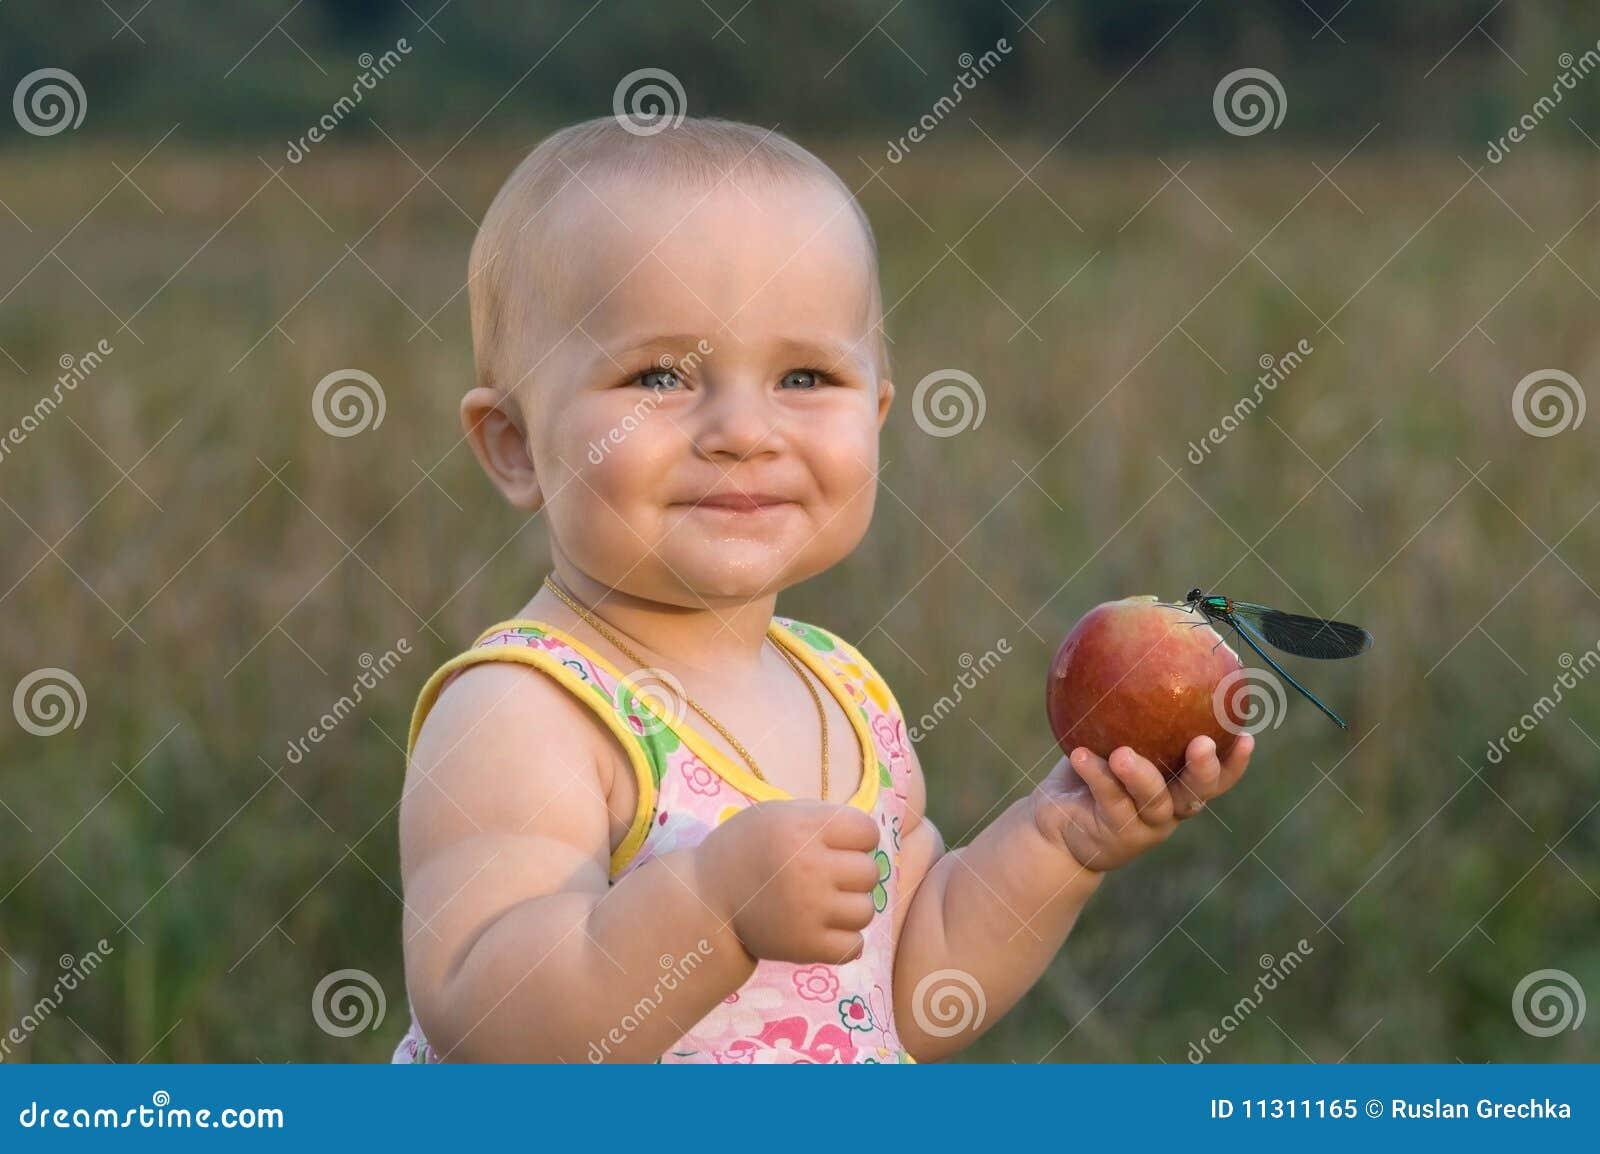 Children very much love fruit.